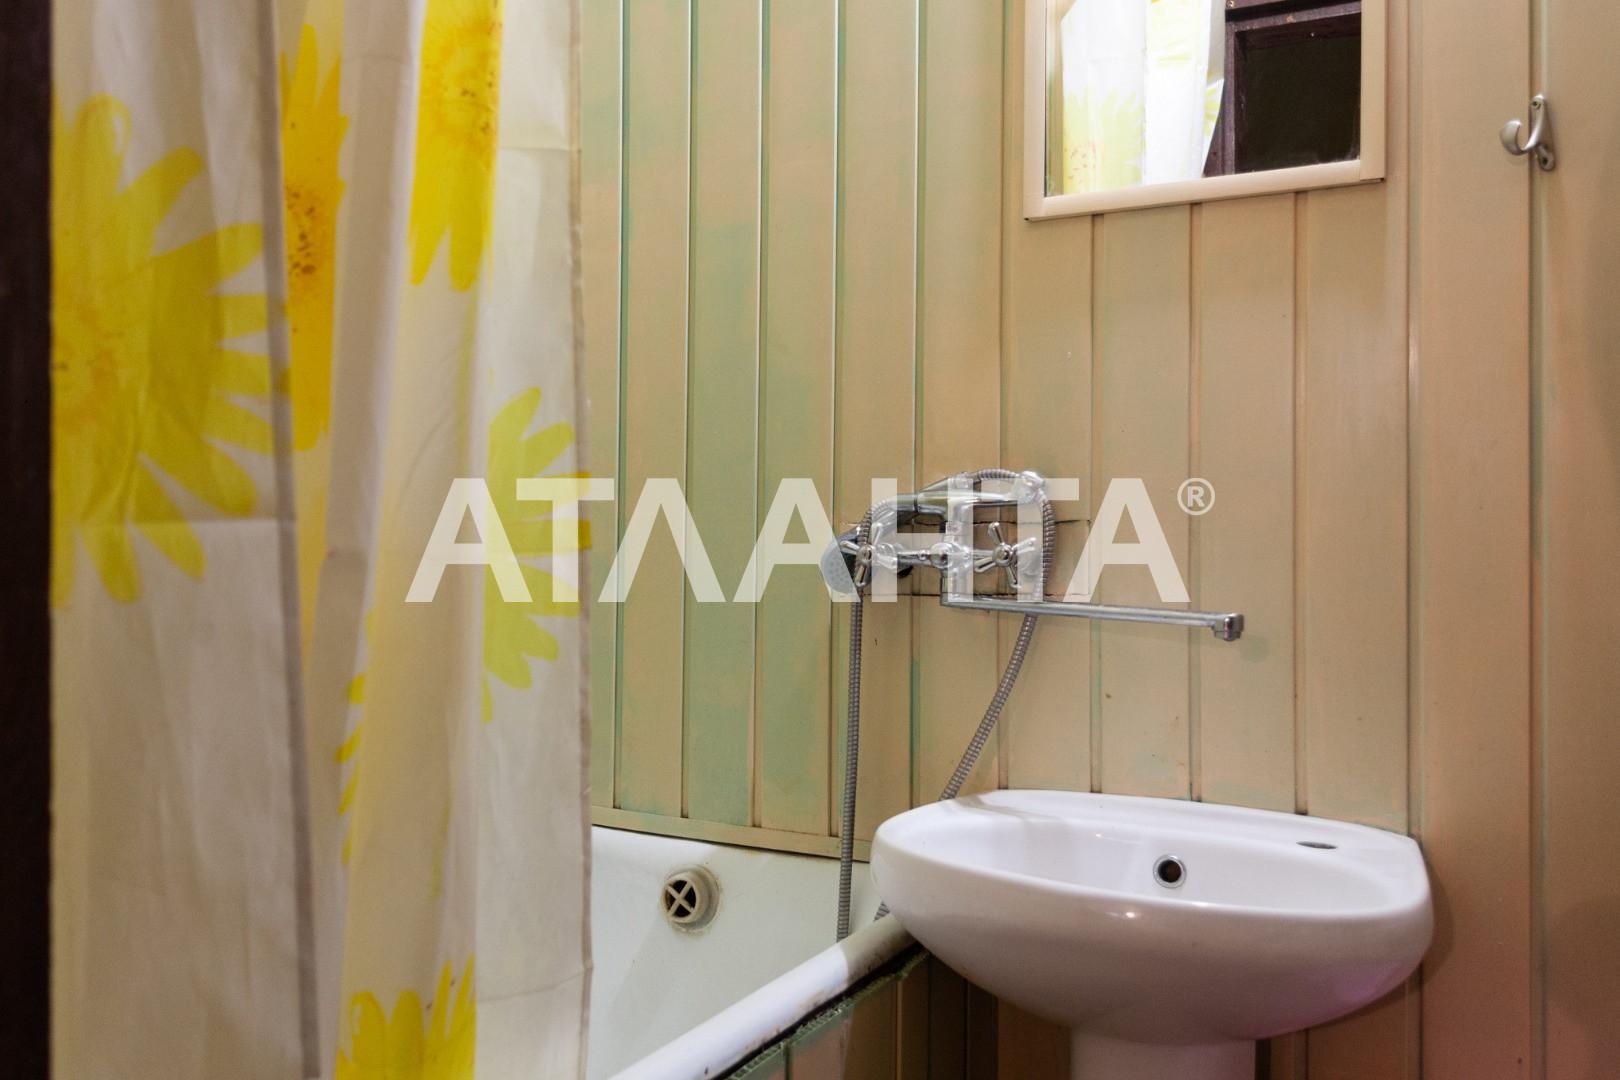 Продается 2-комнатная Квартира на ул. Жуковского — 38 000 у.е. (фото №6)